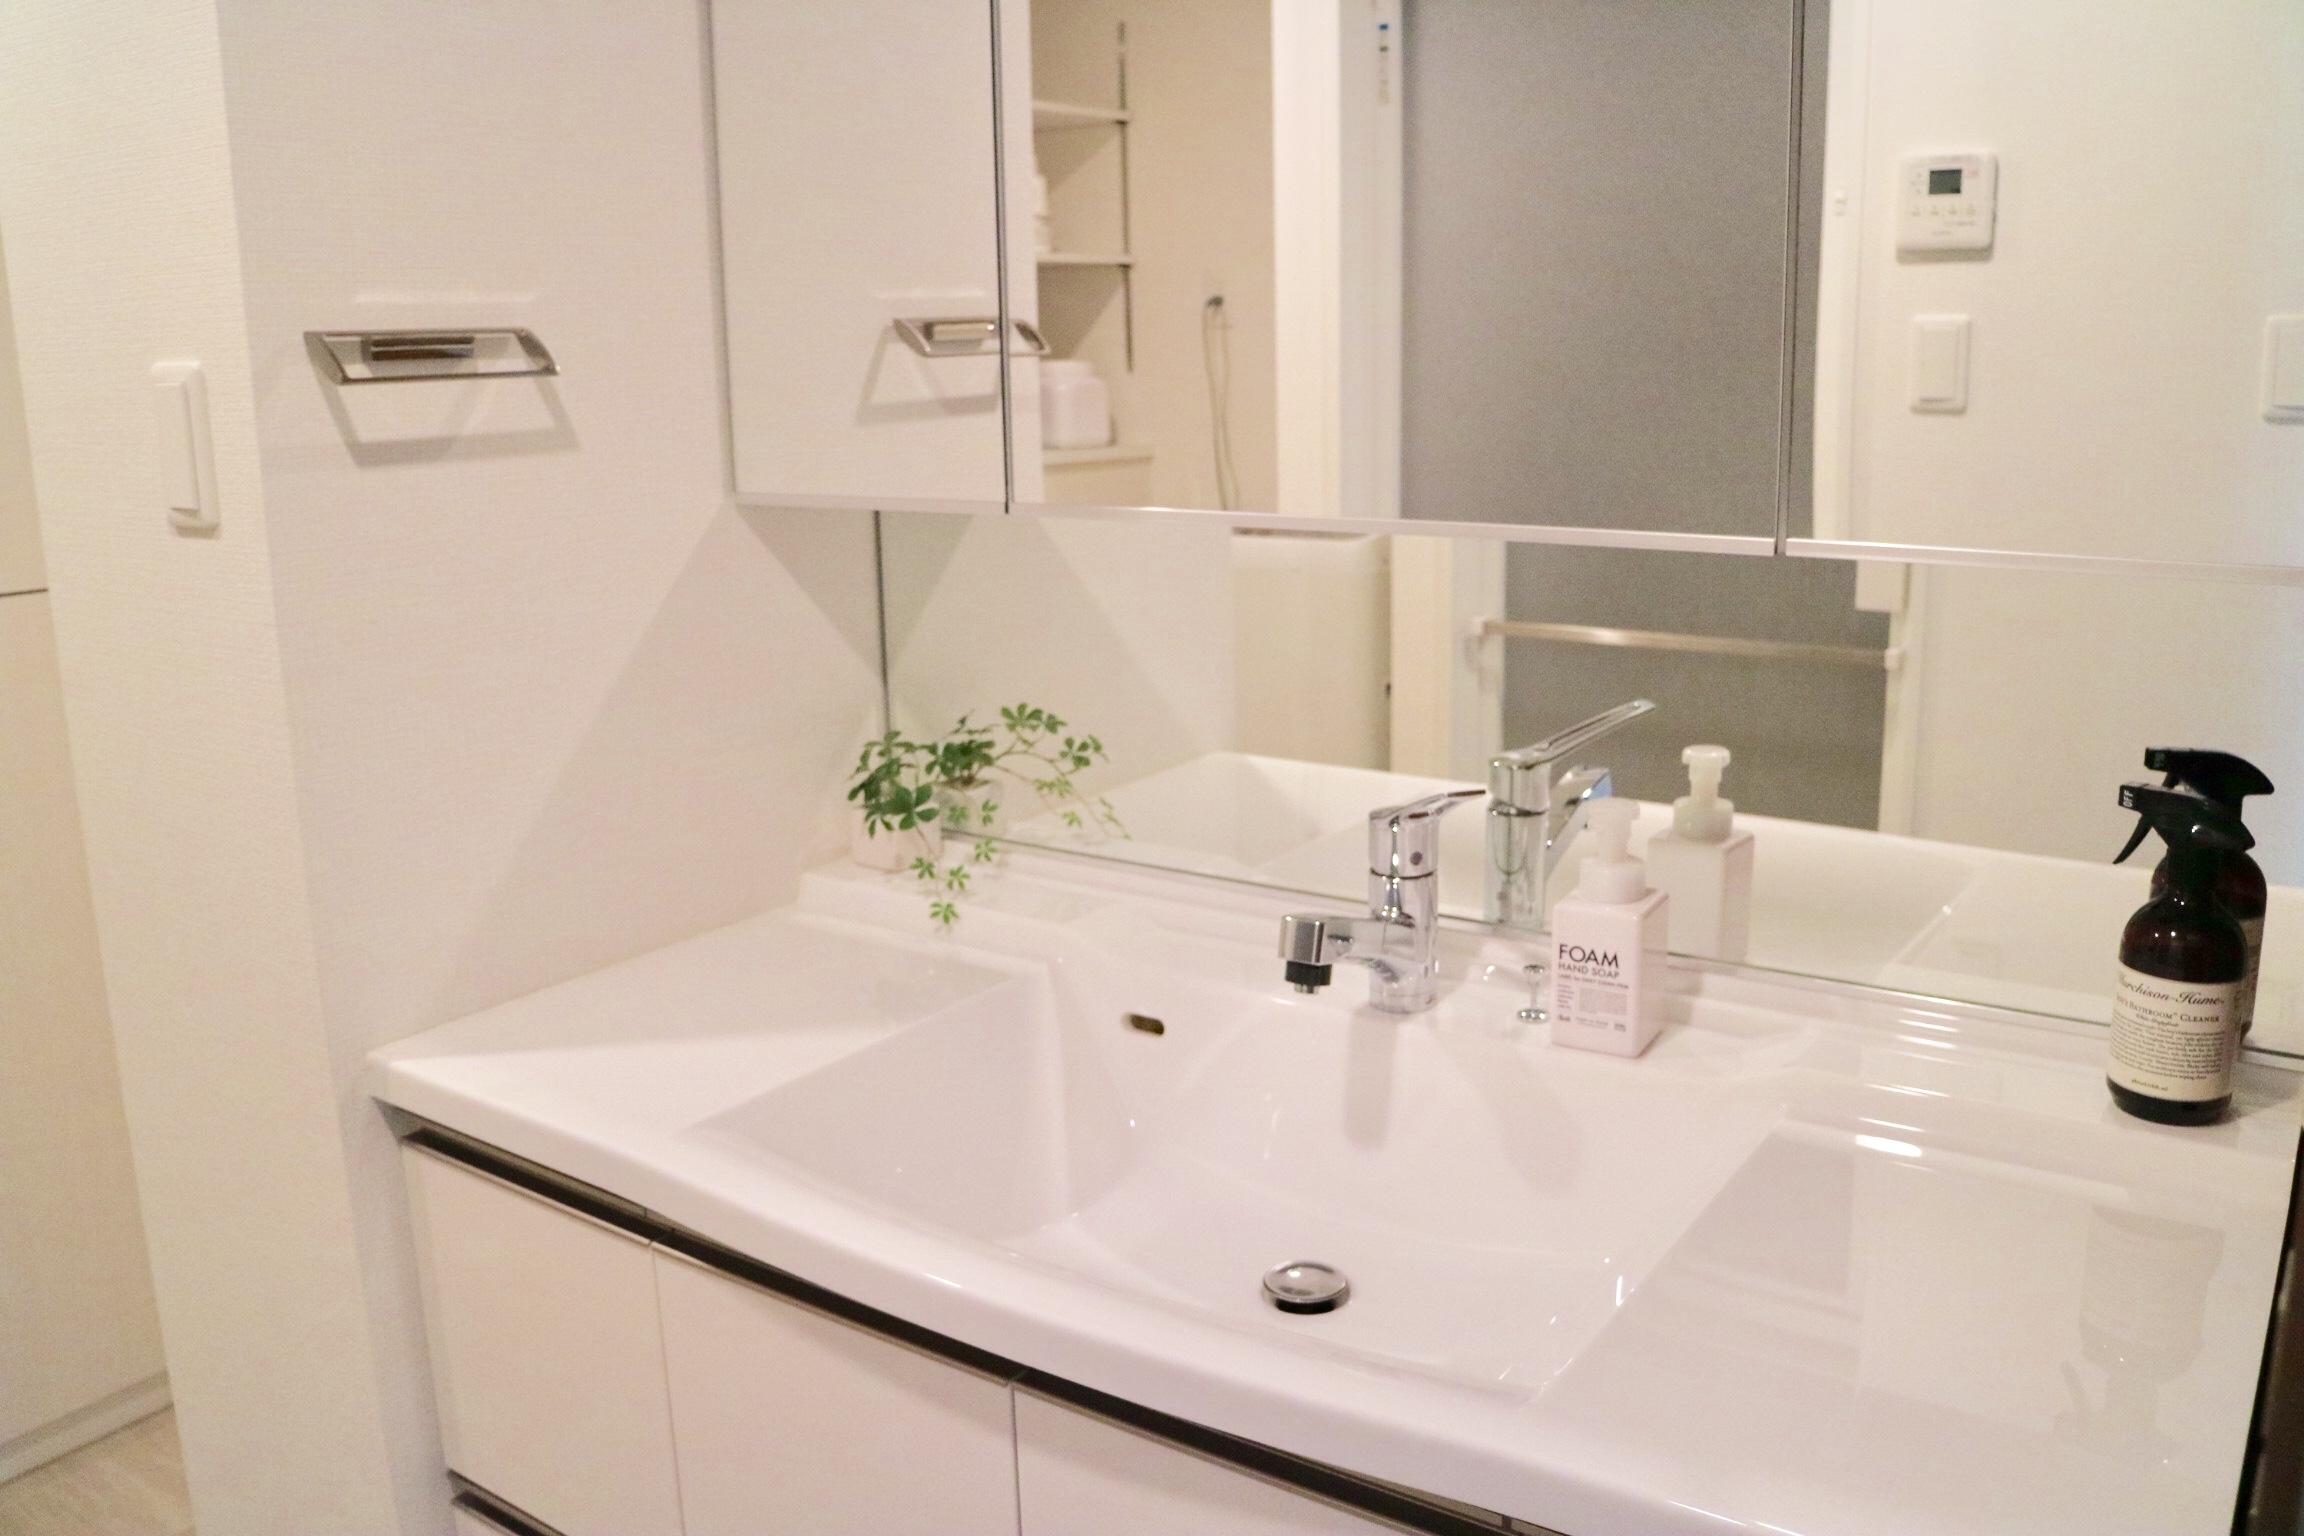 お洒落な洗面台をキレイに保つ。クエン酸は使わず「水垢」落とし。